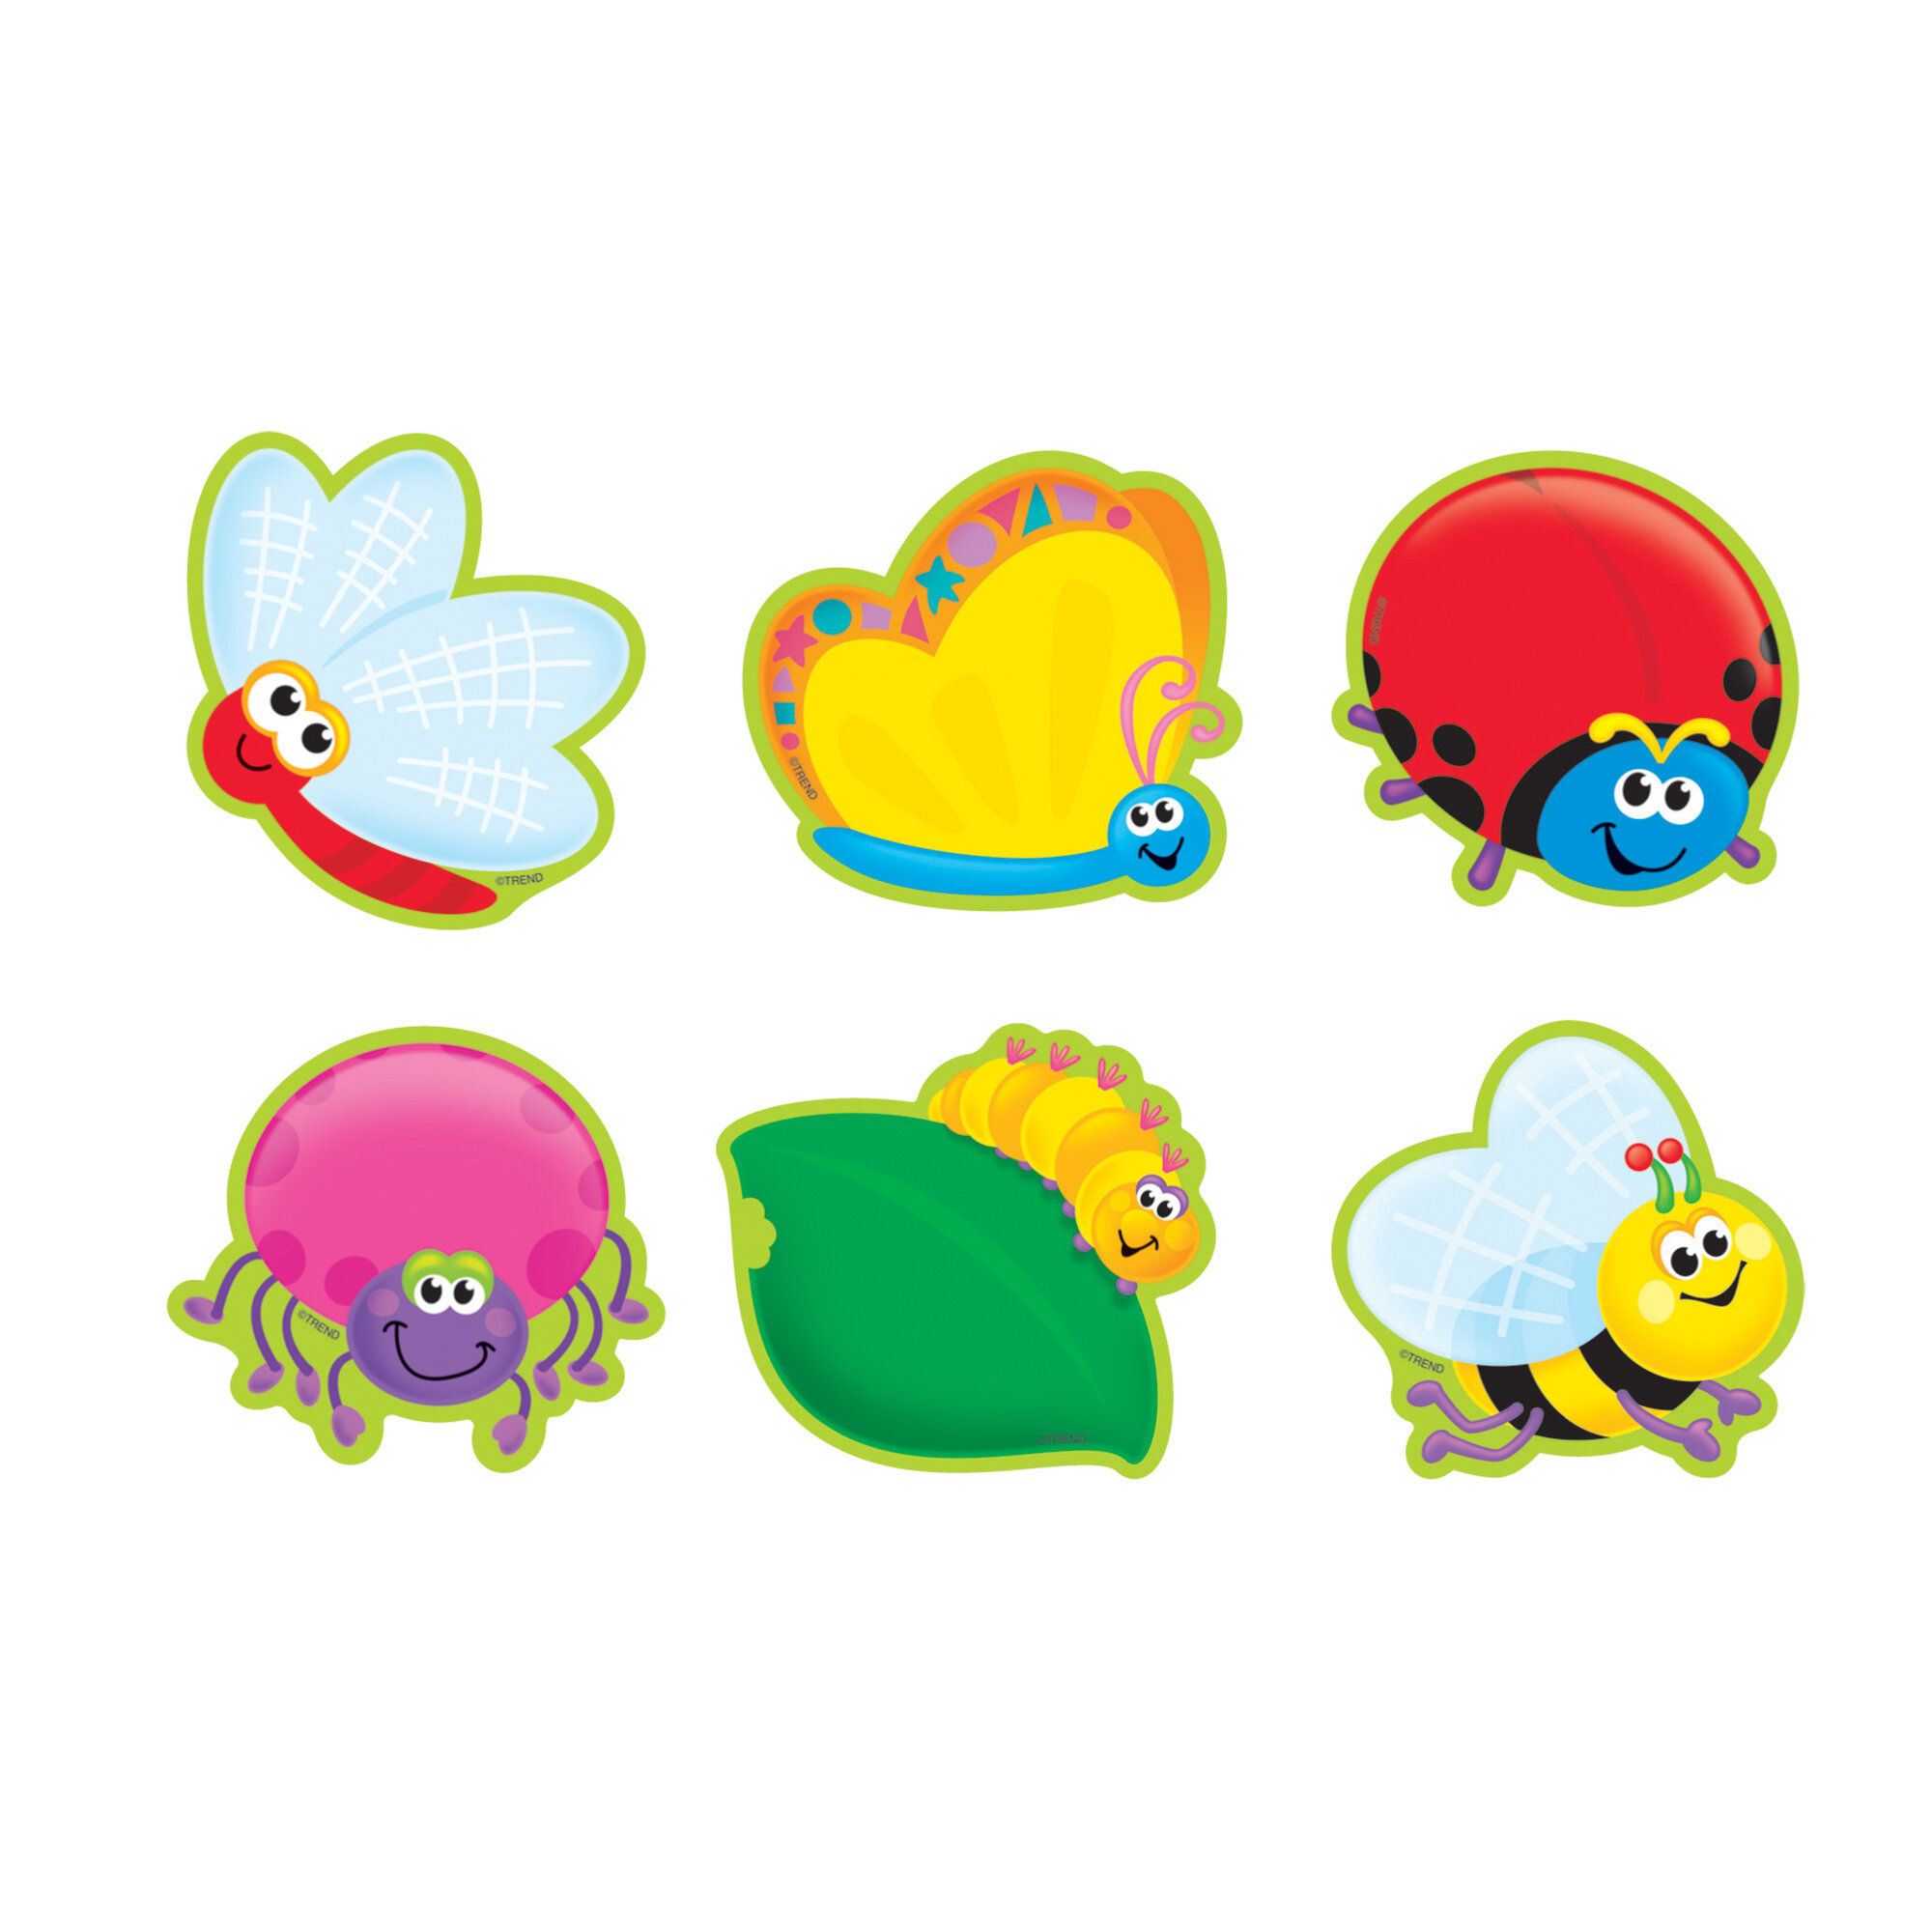 Trend Enterprises 36 Piece Bugs Mini Variety Mini Accent Set Wayfair